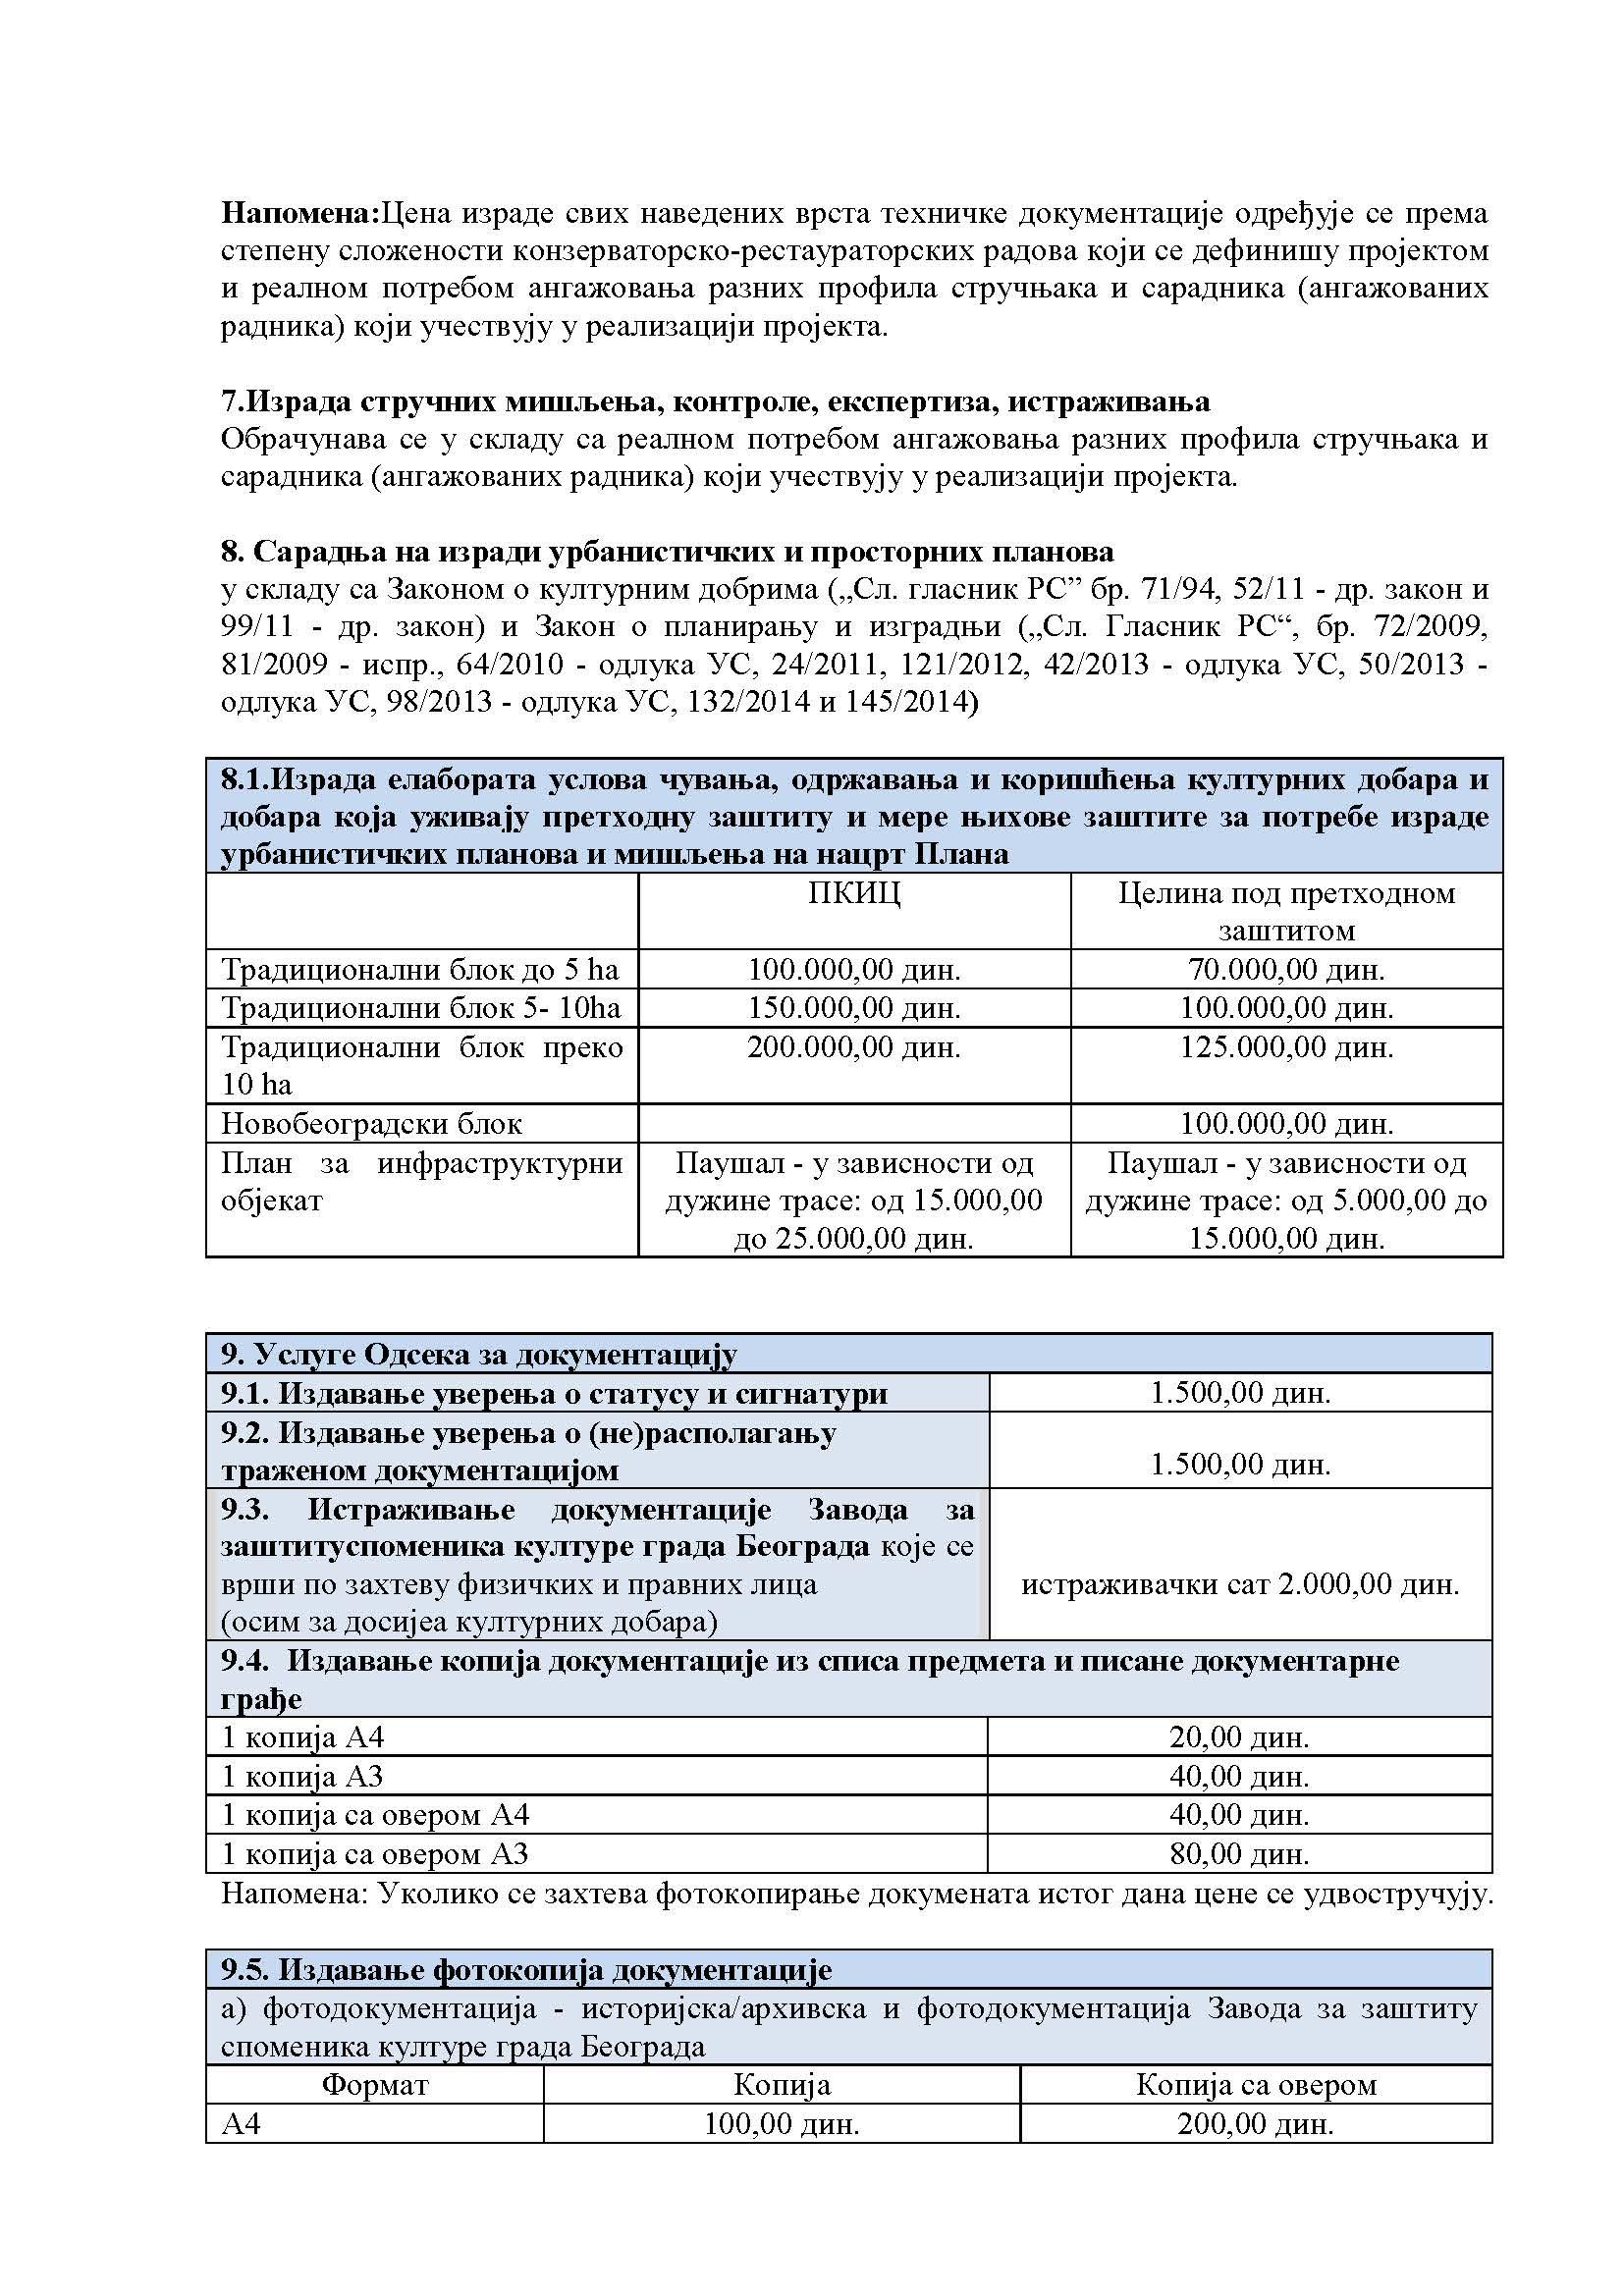 Cenovnik 23.02.2018_Page_6